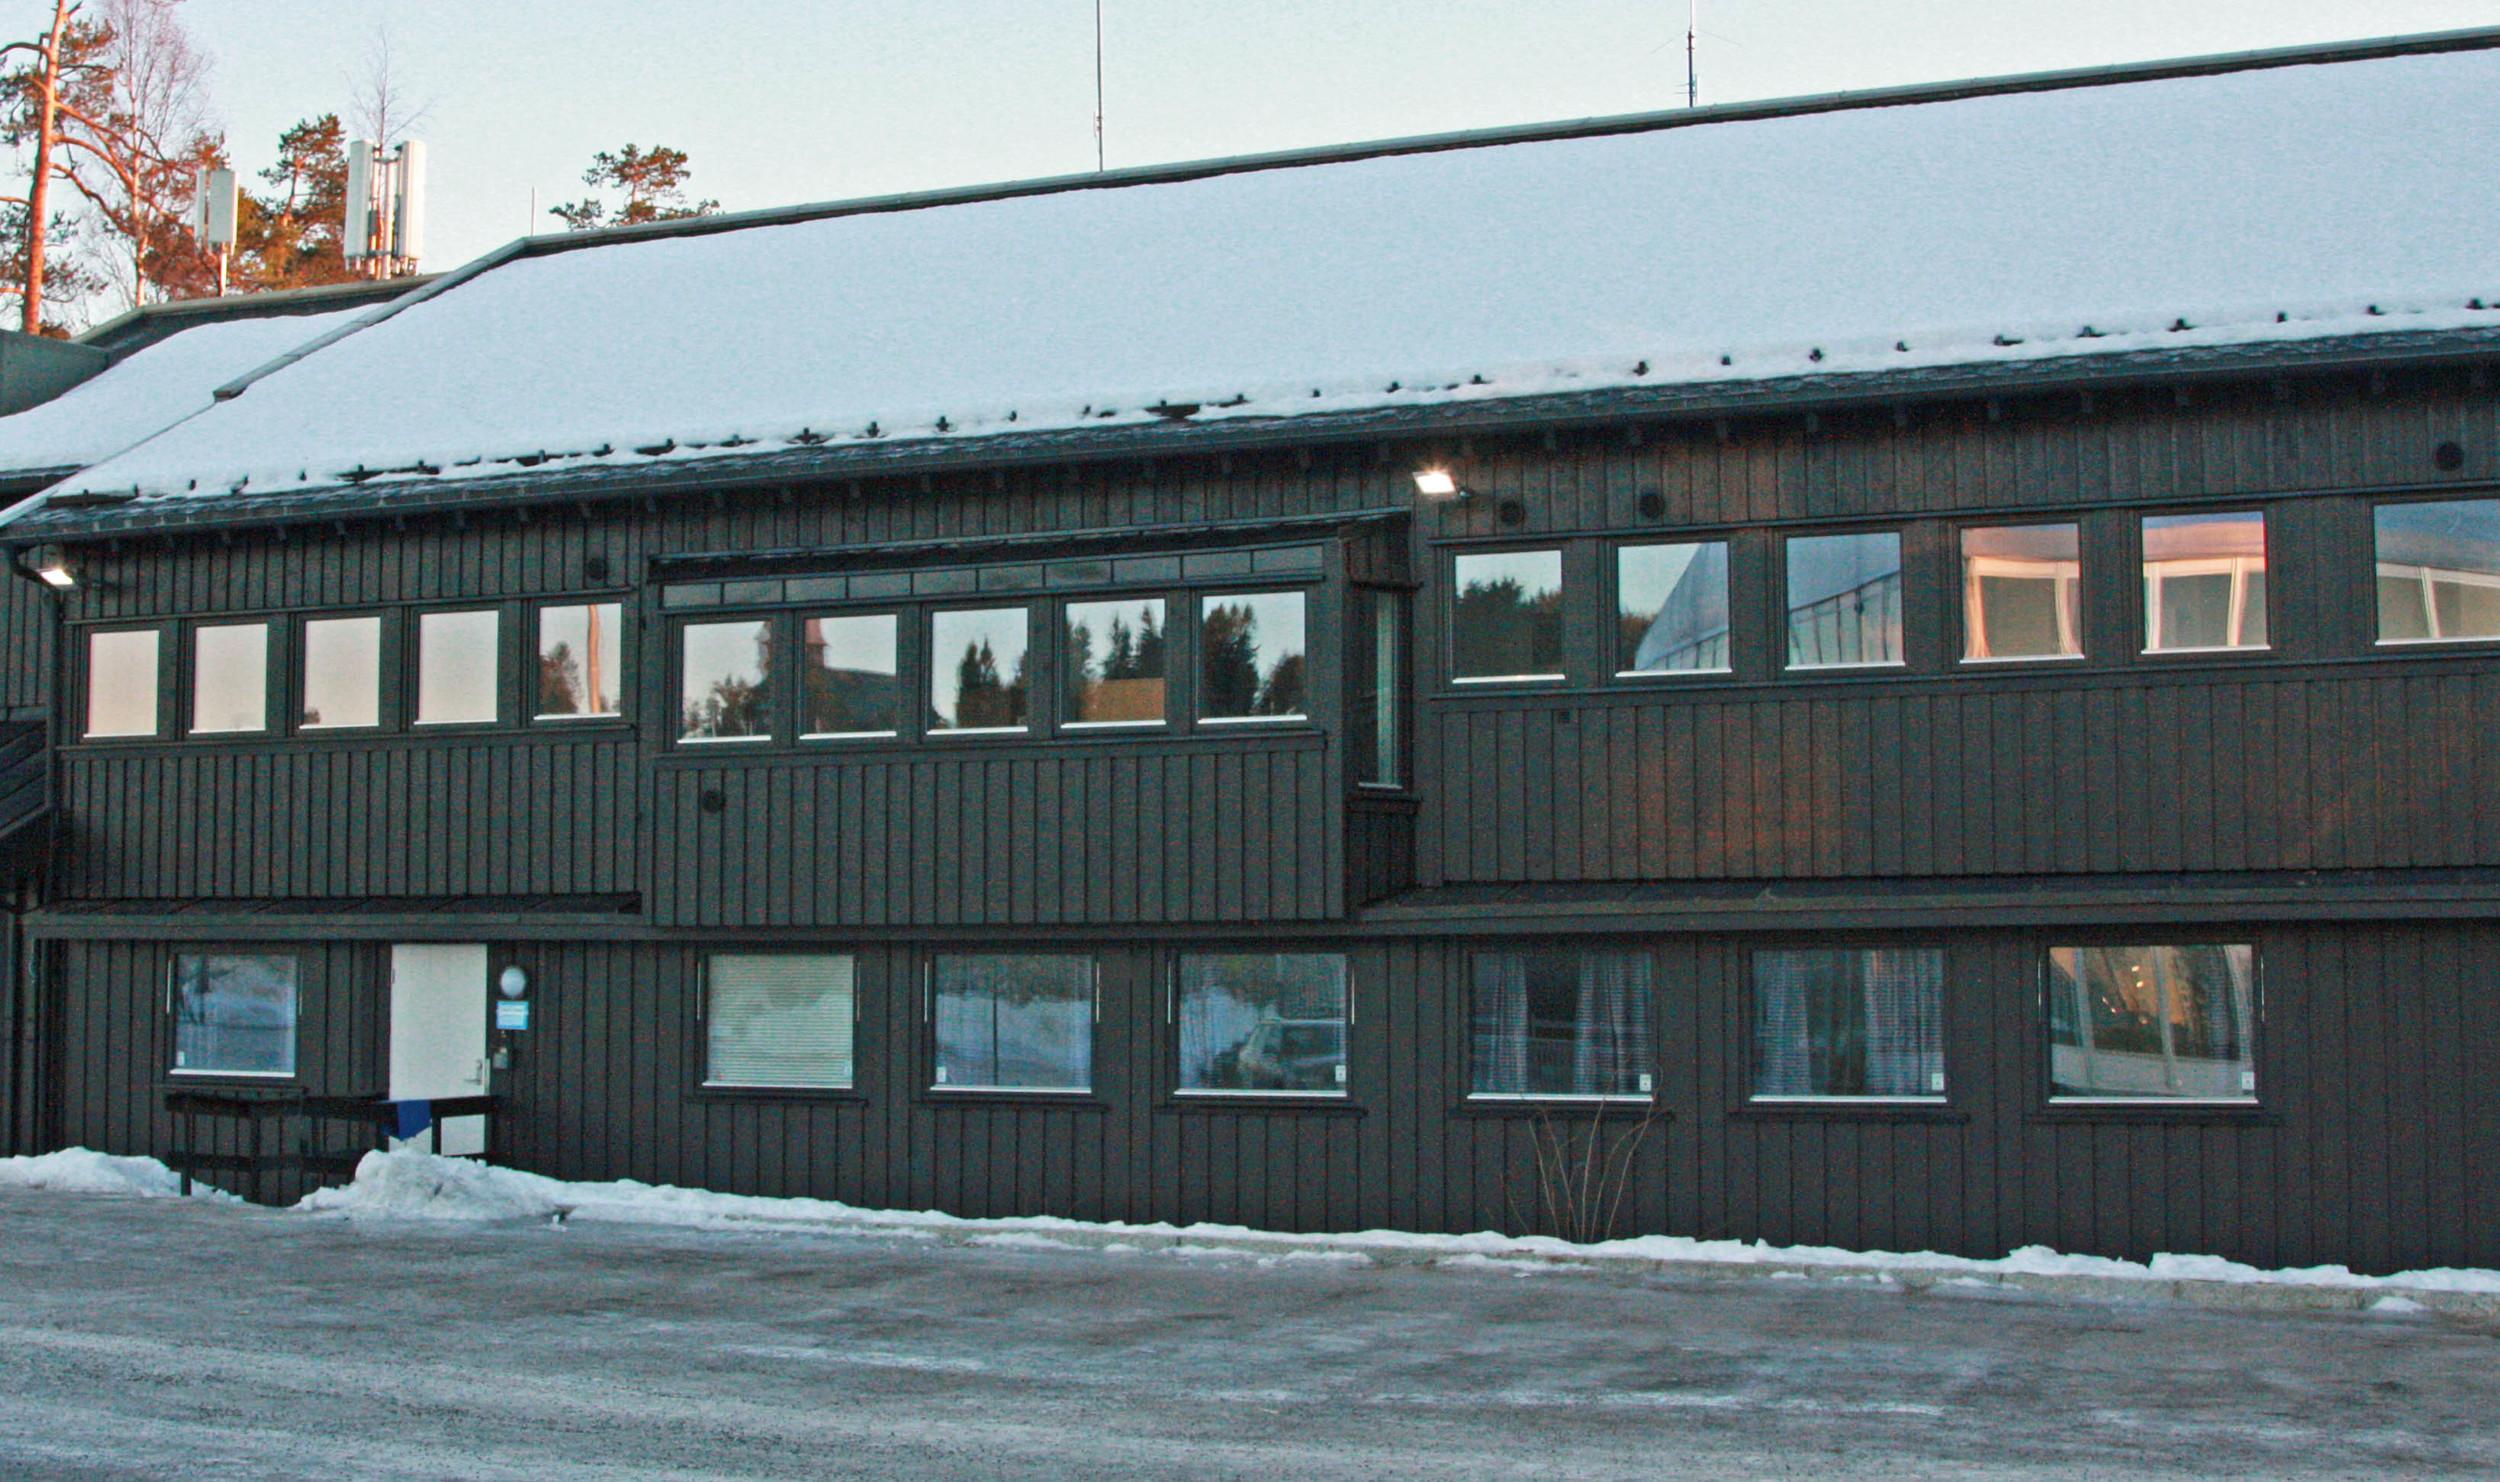 Kontorbrakkene til hoppanlegget i Holmenkollen fra 1984